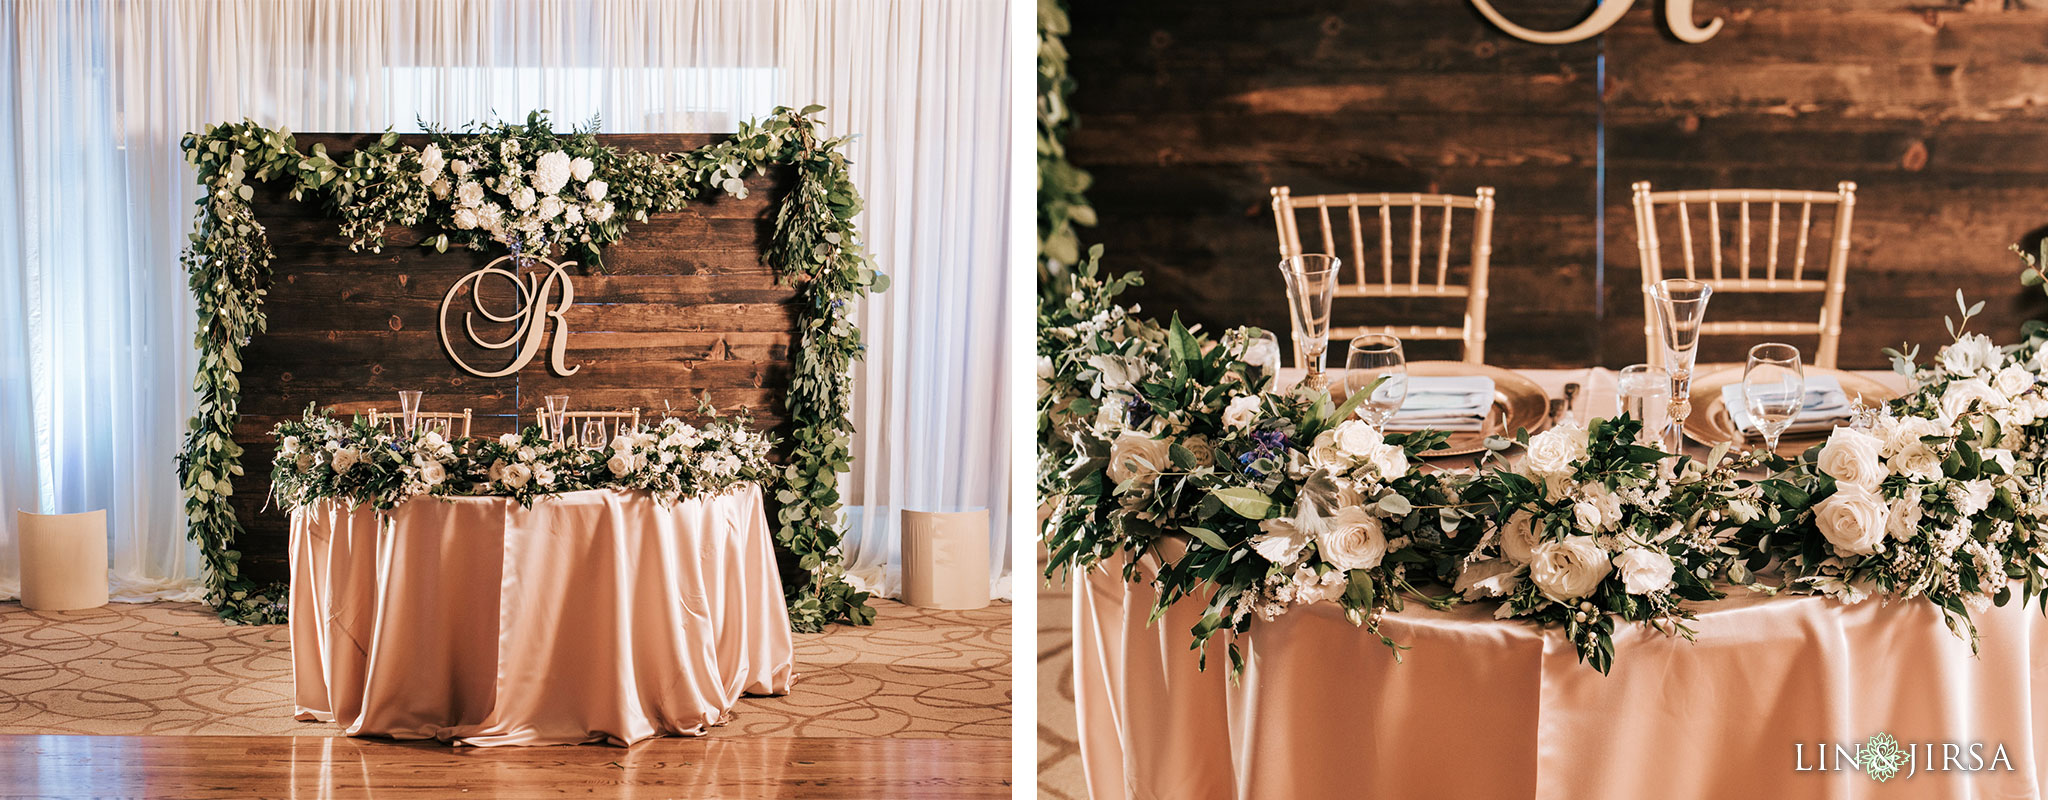 038 los verdes golf course wedding reception photography